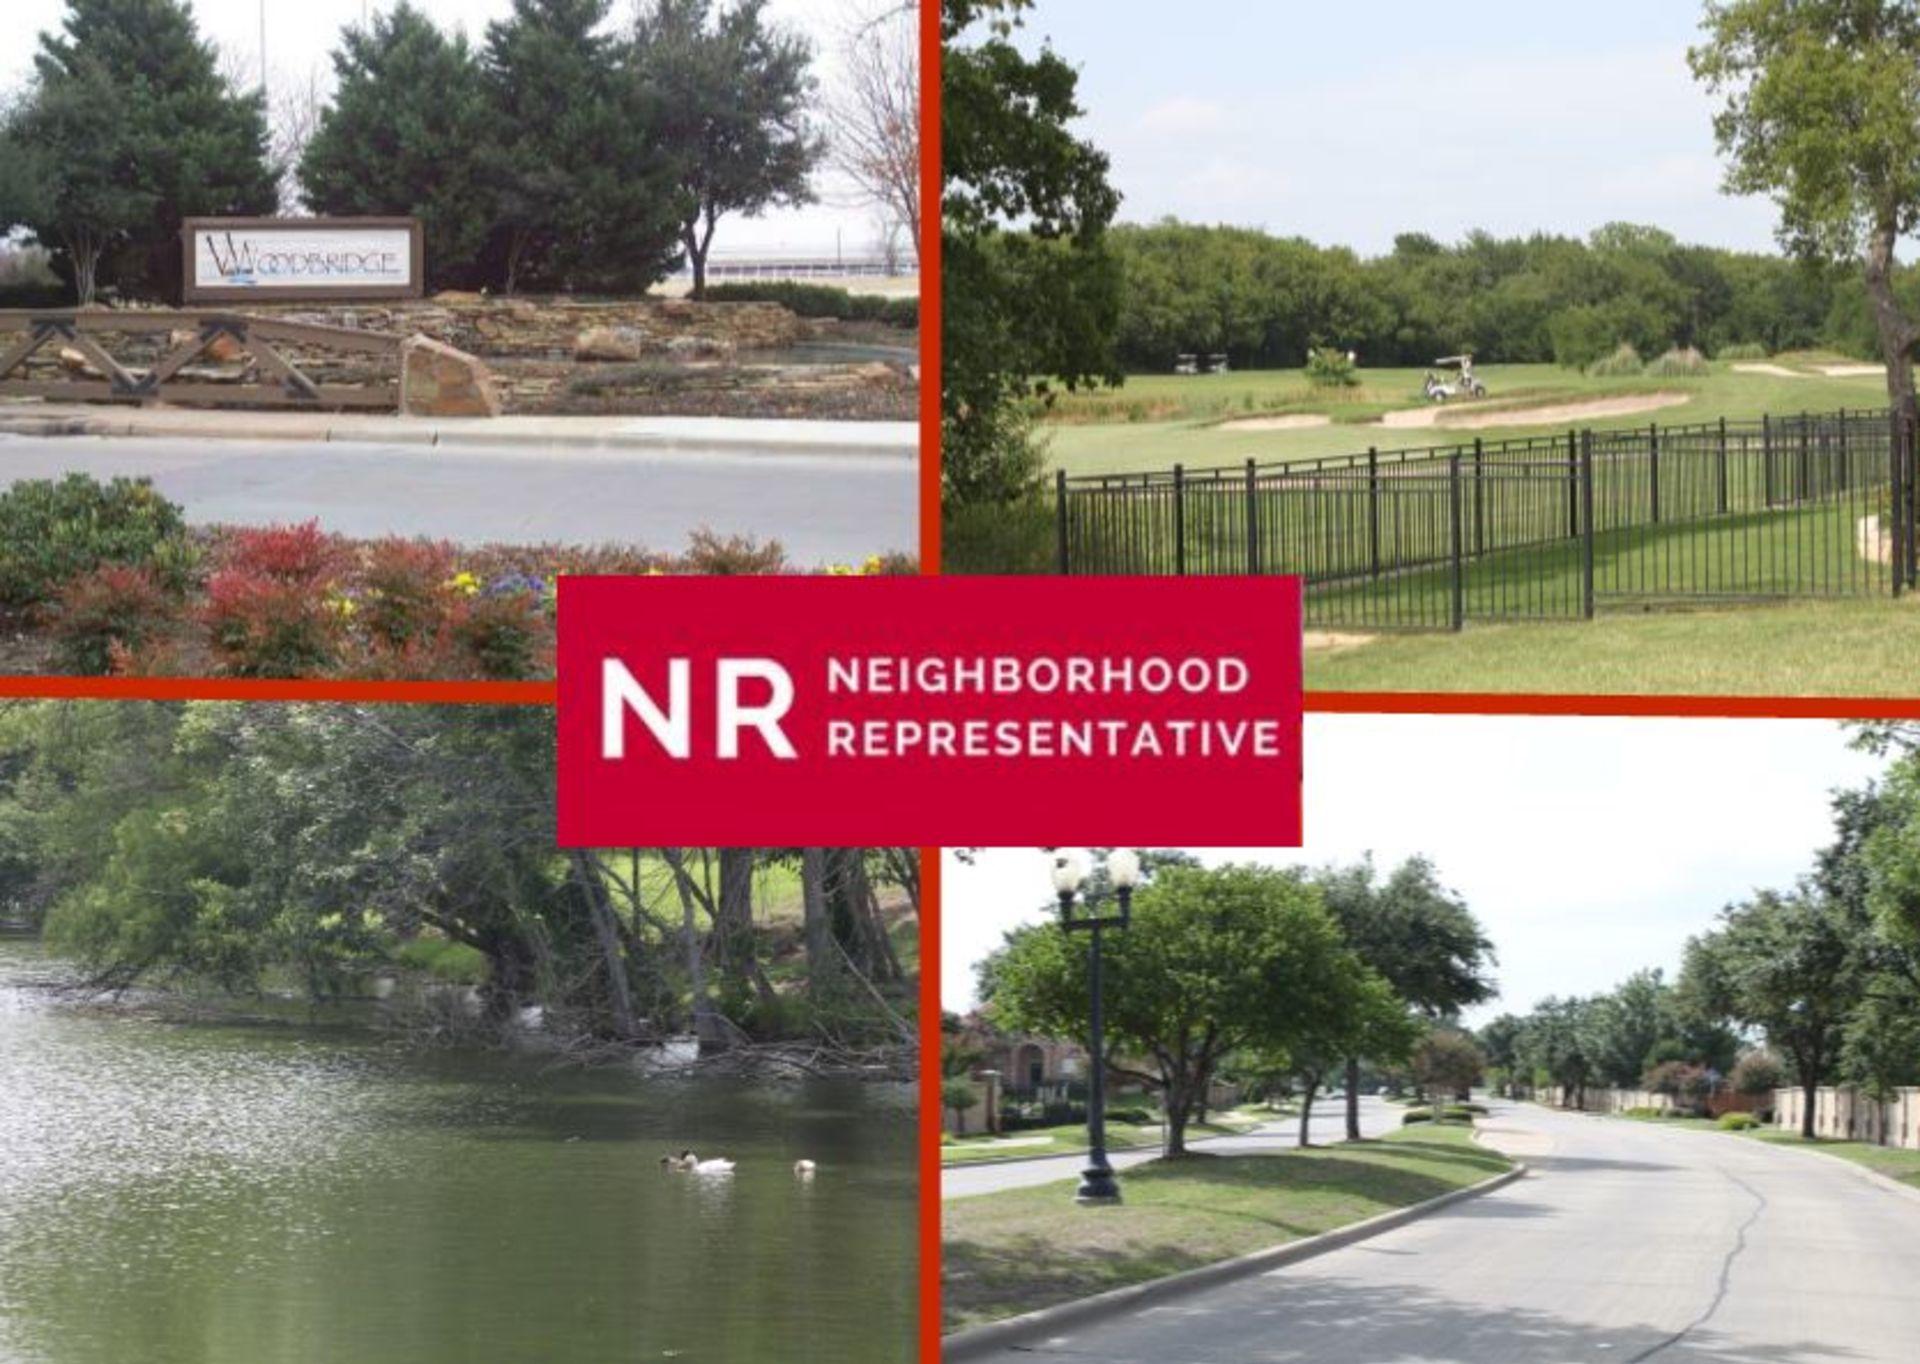 Woodbridge Neighborhood Rep Elections in July